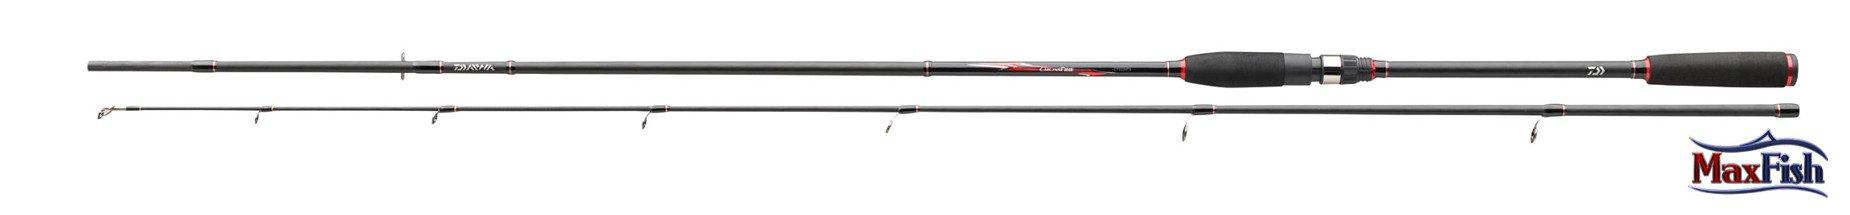 Daiwa Crossfire Spin  270cm 15-40g